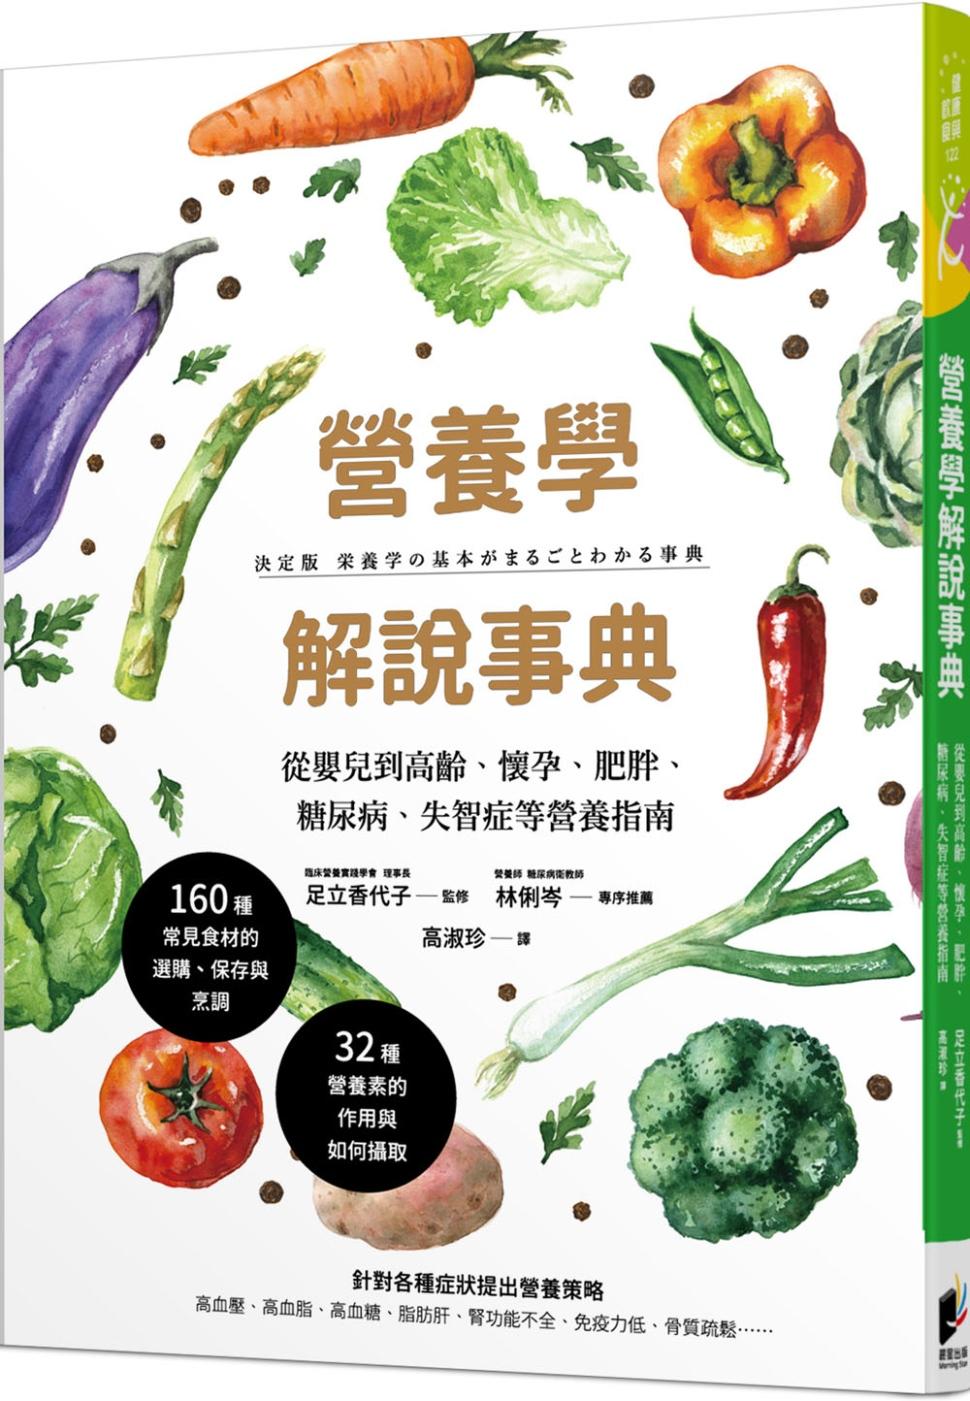 營養學解說事典:從嬰兒到高齡、懷孕、肥胖、糖尿病、失智症等營養指南